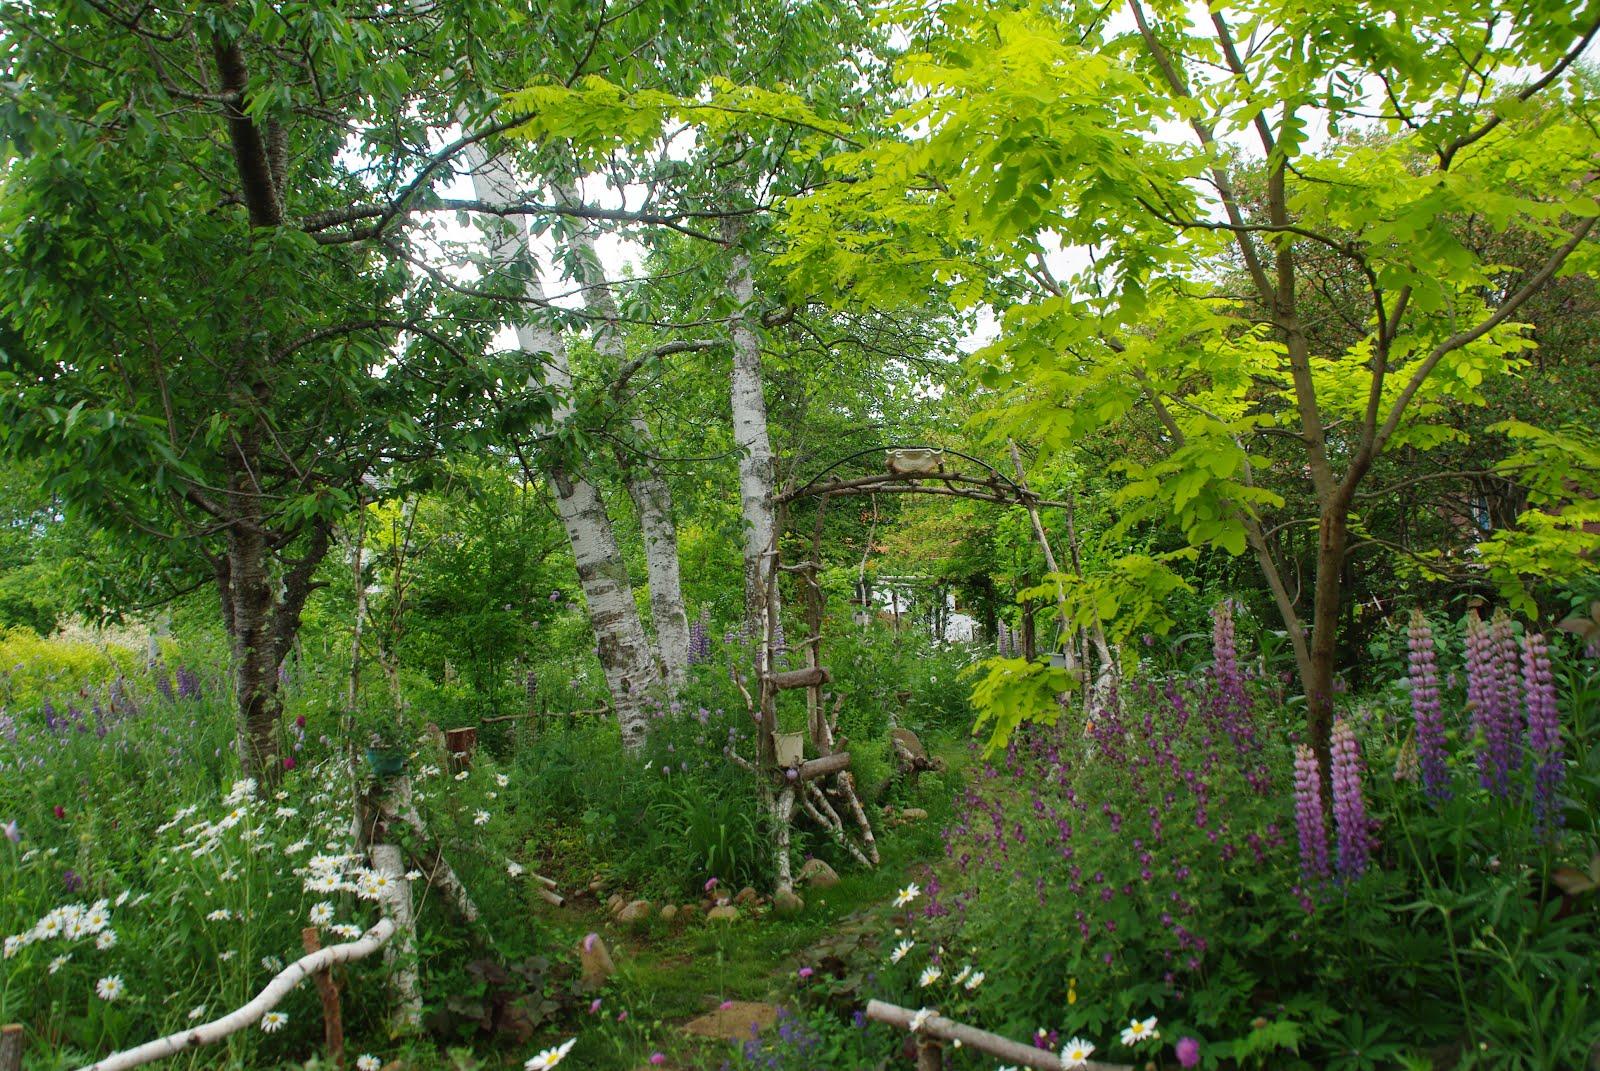 ルピナスが咲き、庭は華々しくなる。